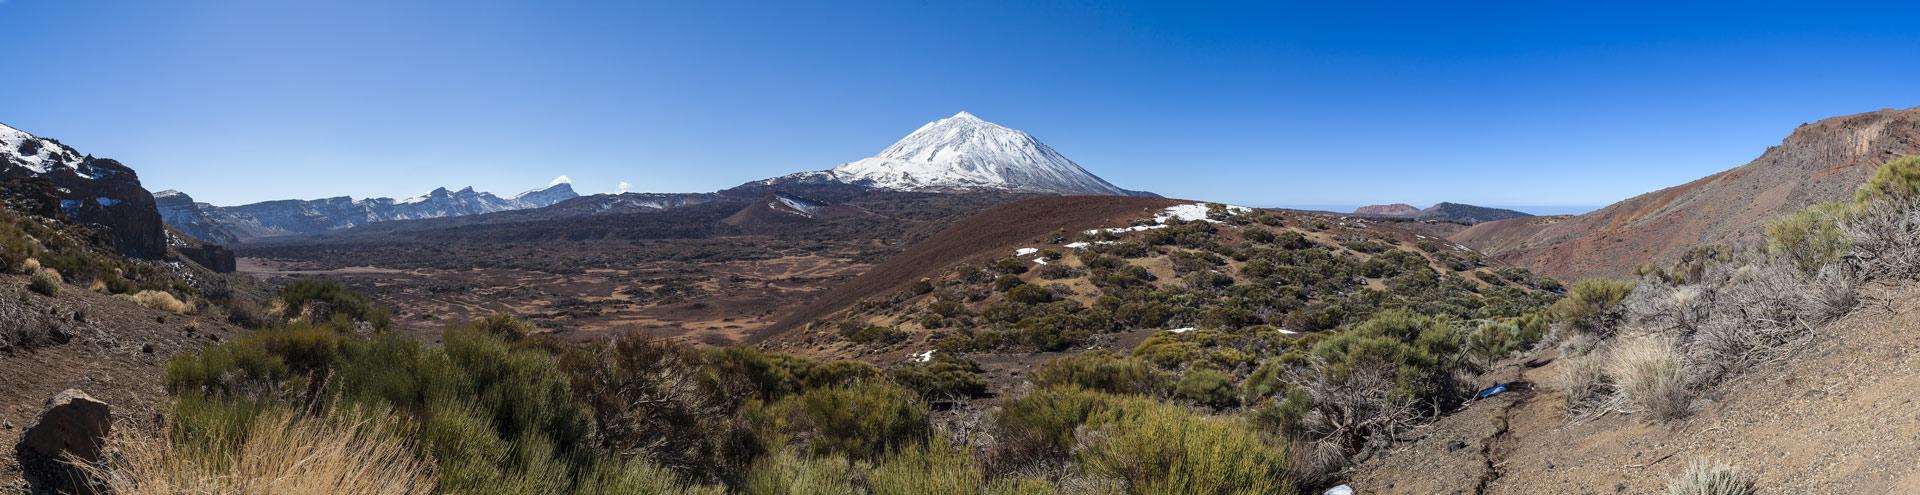 Die Kaldera des Teide-Vulkans auf Teneriffa